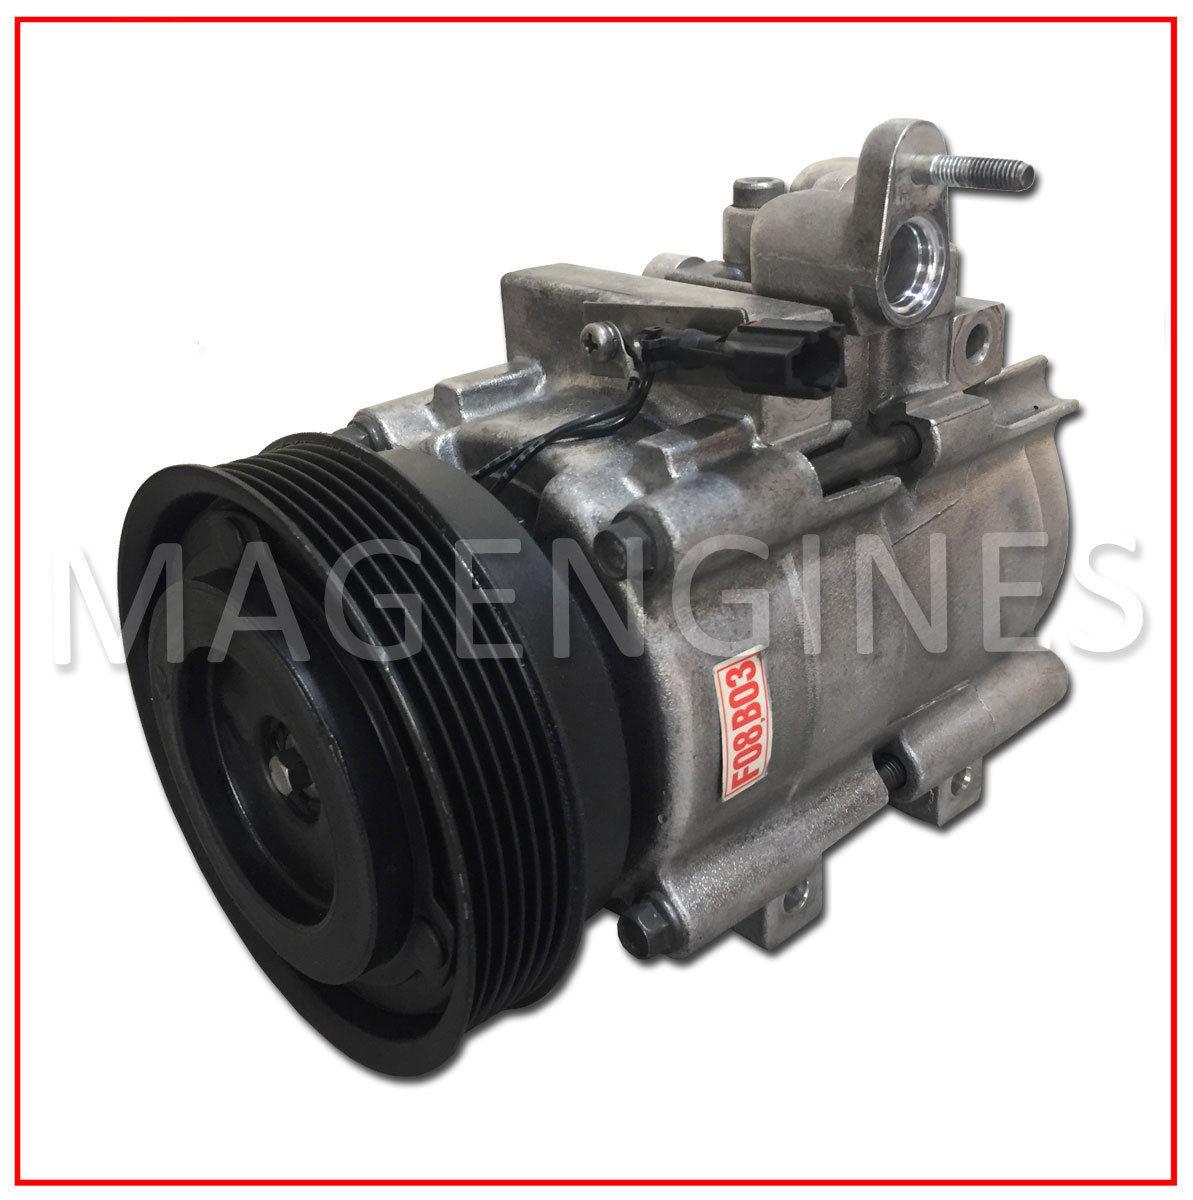 Ac Compressor Hyundai D4ea V 20 Ltr Mag Engines Kompresor Kia Carens 1